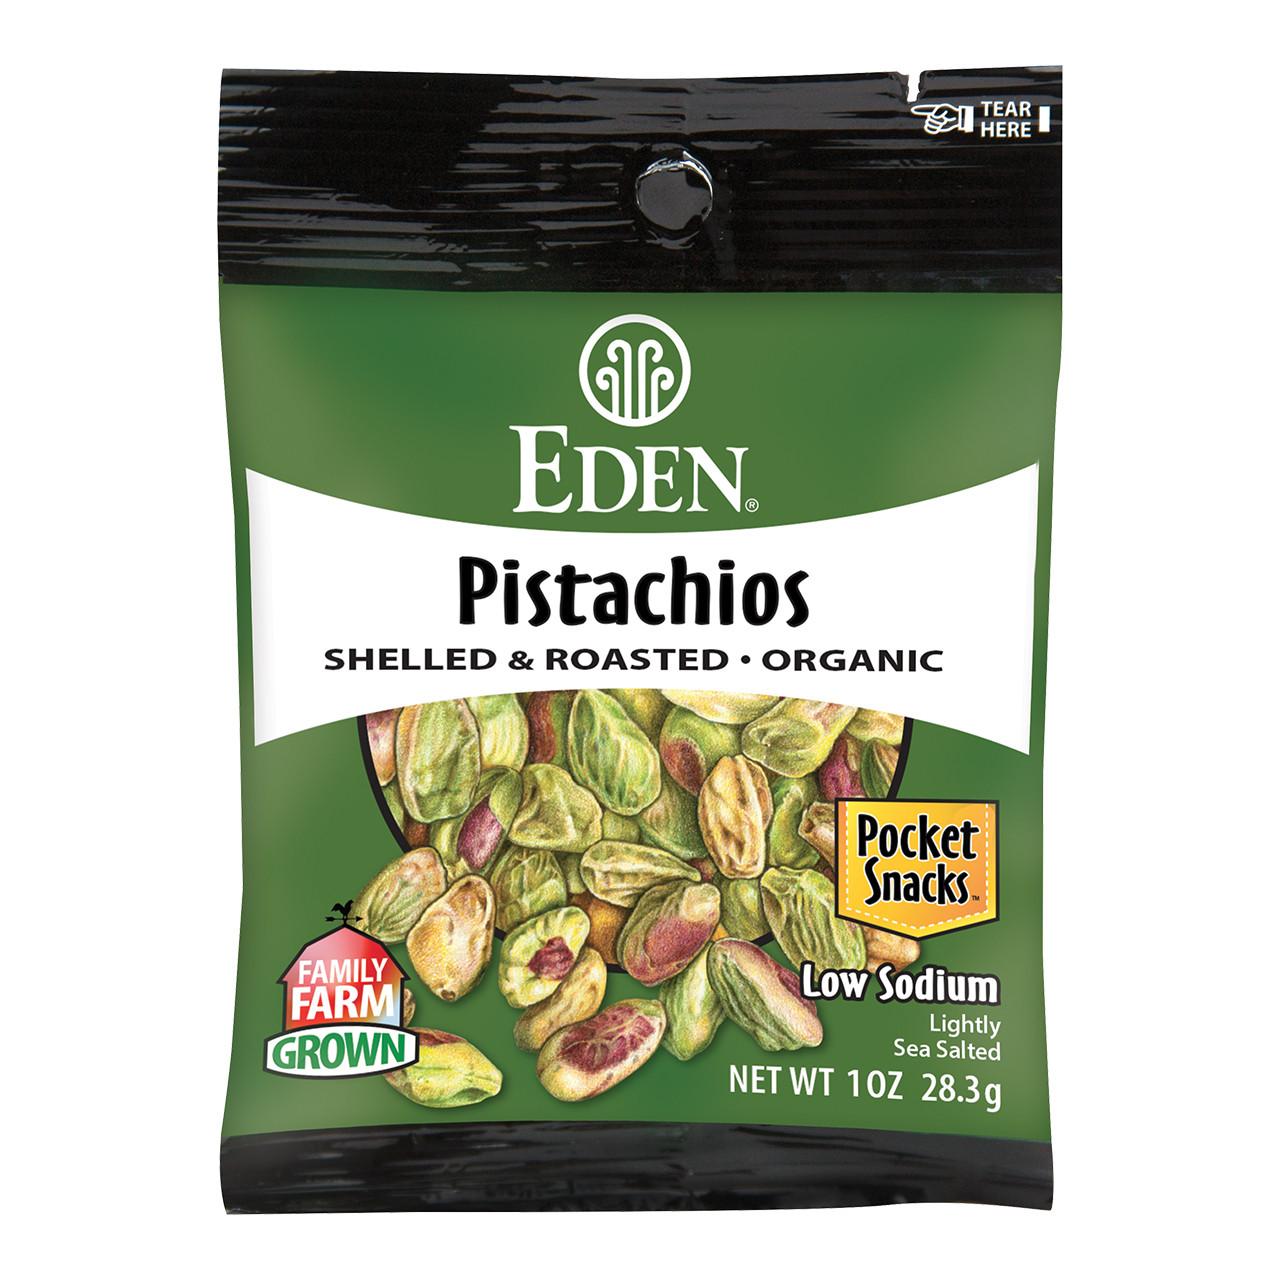 Pistachios Pocket Snacks, Organic - 1 oz